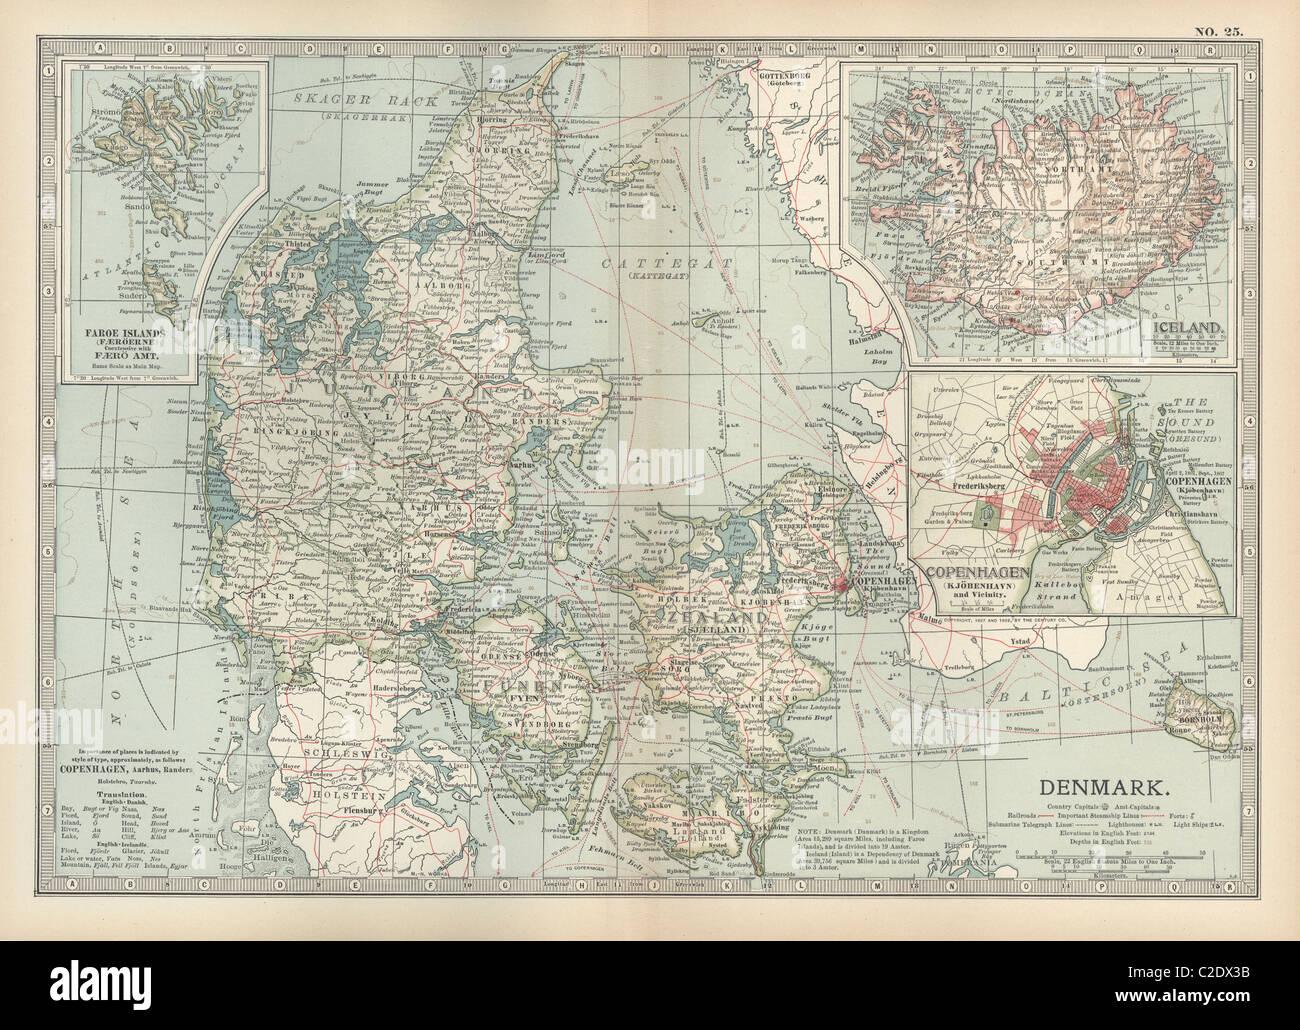 Map of Denmark - Stock Image